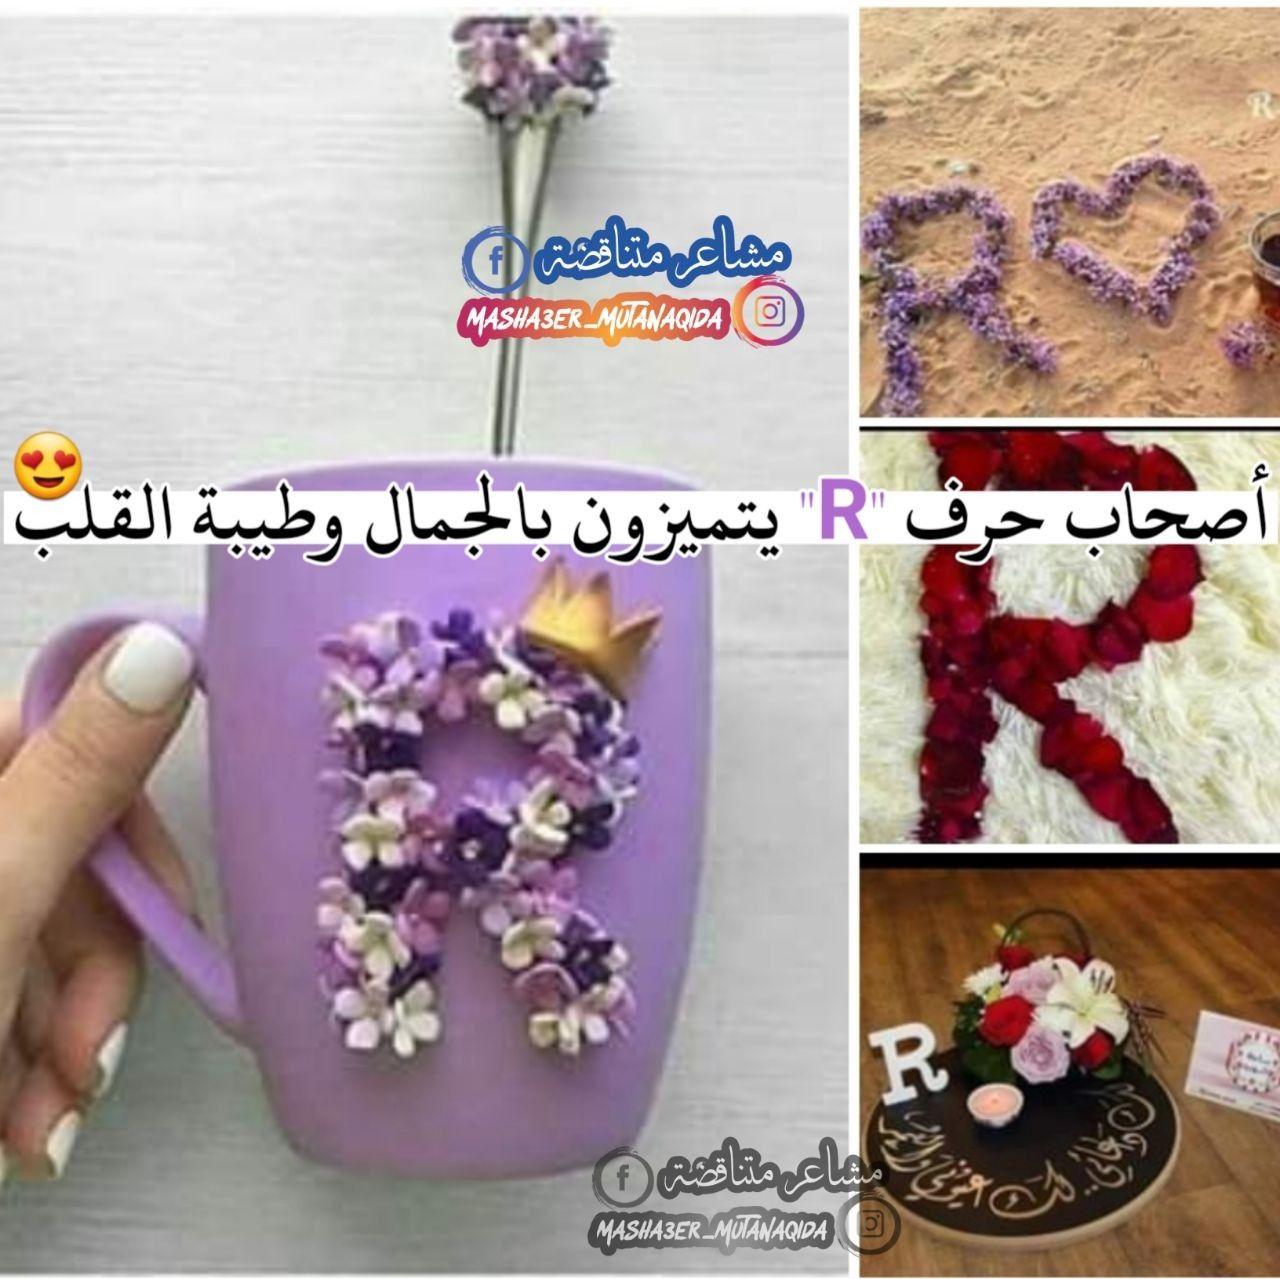 أصحاب حرف R يتميزون بالجمال وطيبة القلب Floral Floral Rings Flowers